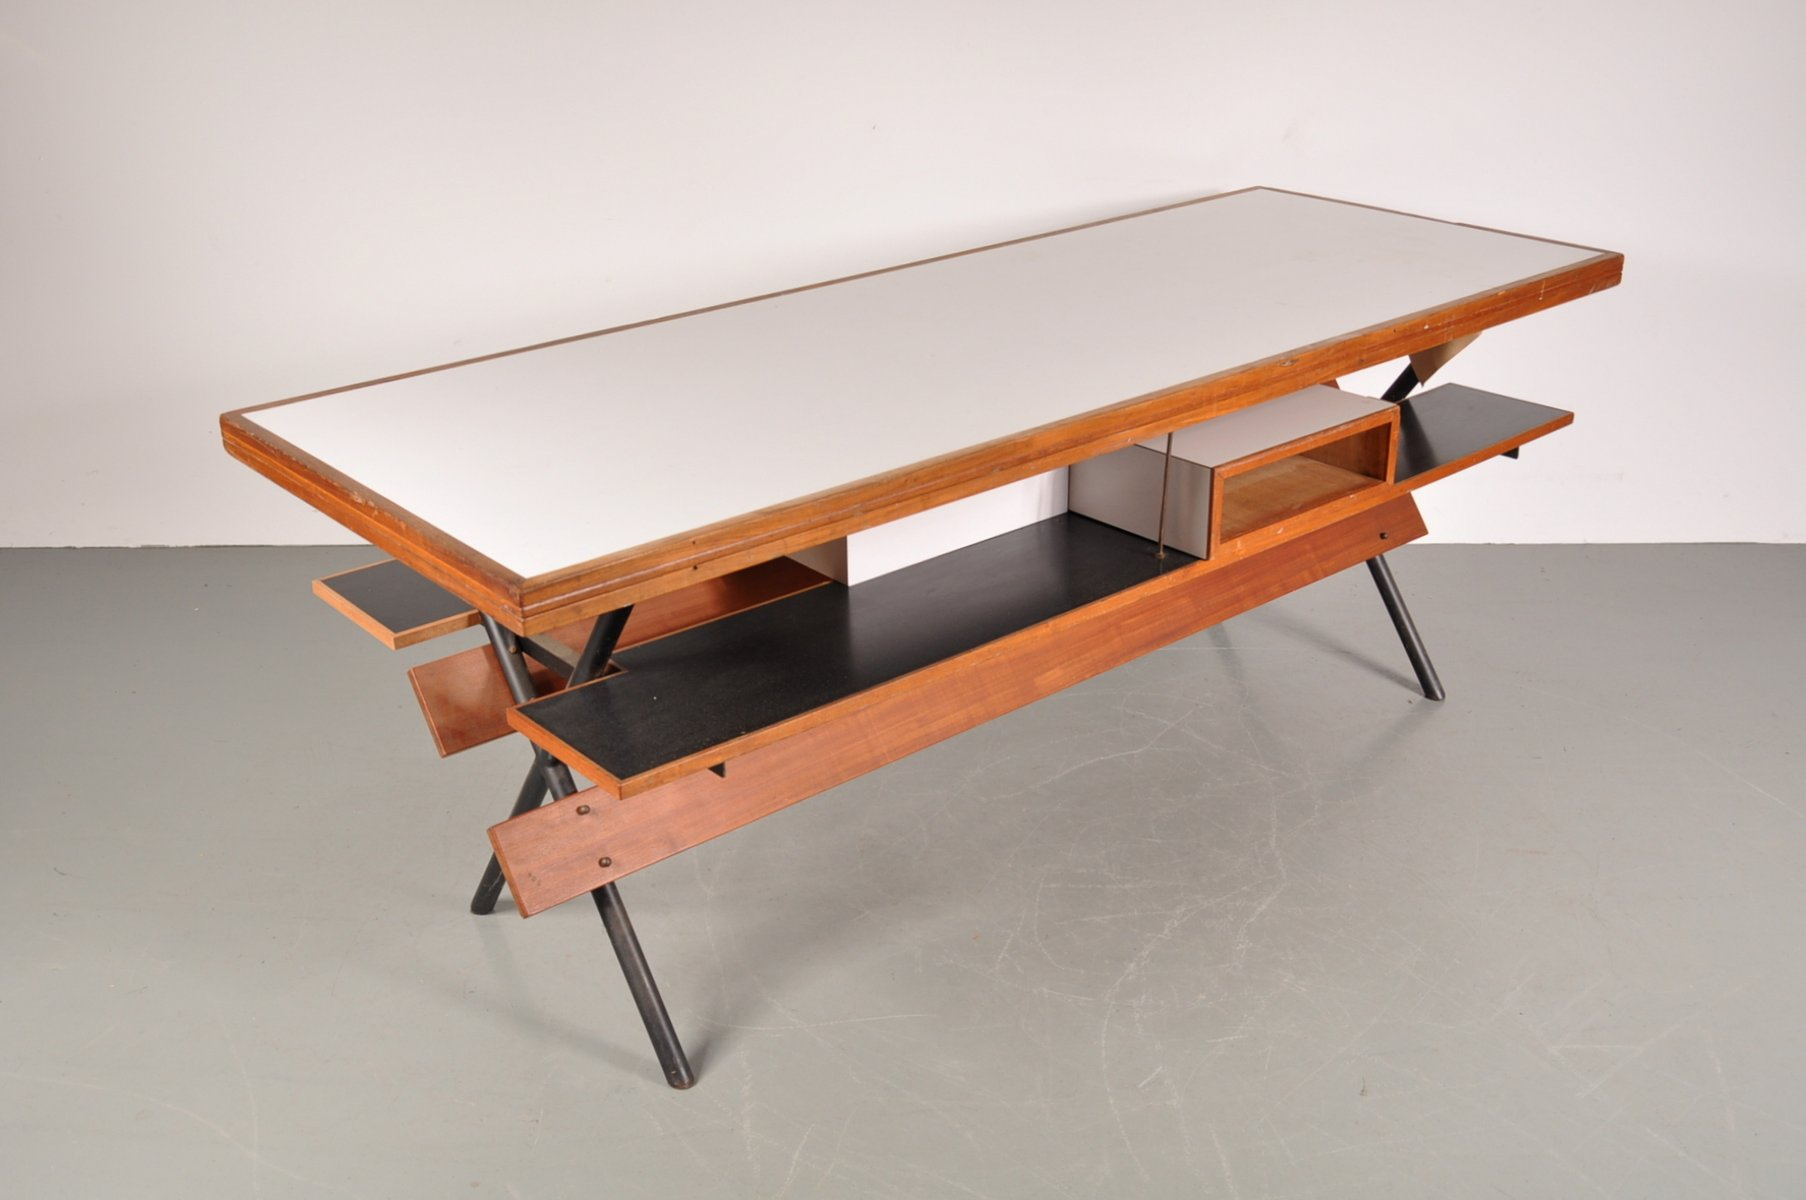 Tavolo da lavoro su misura, anni '50 in vendita su Pamono